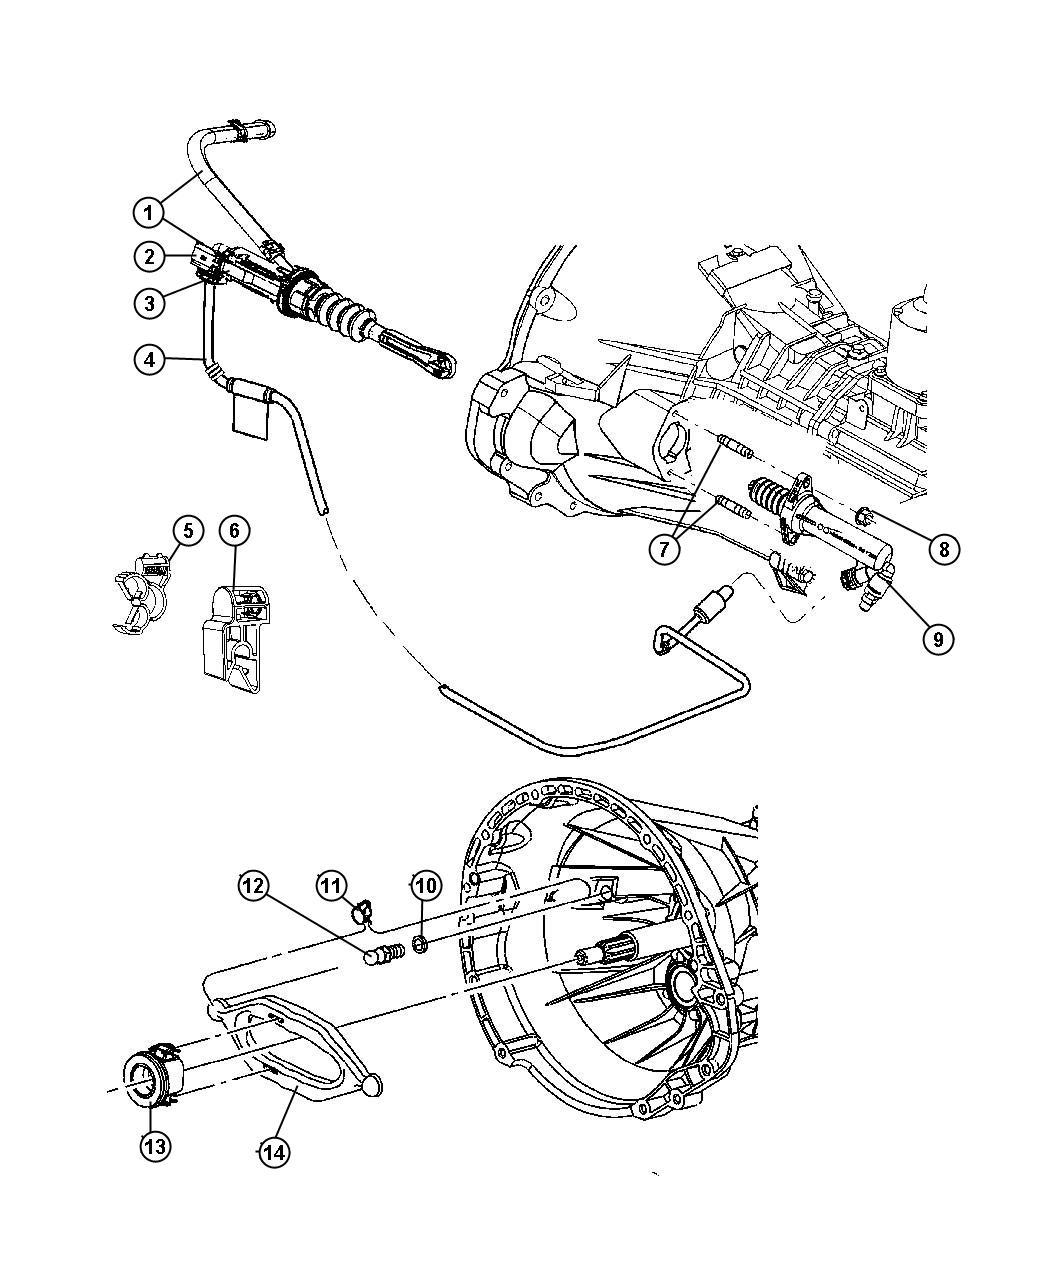 2007 Jeep Wrangler X 4x4, 3.8L V6 SMPI, 6-Speed Manual